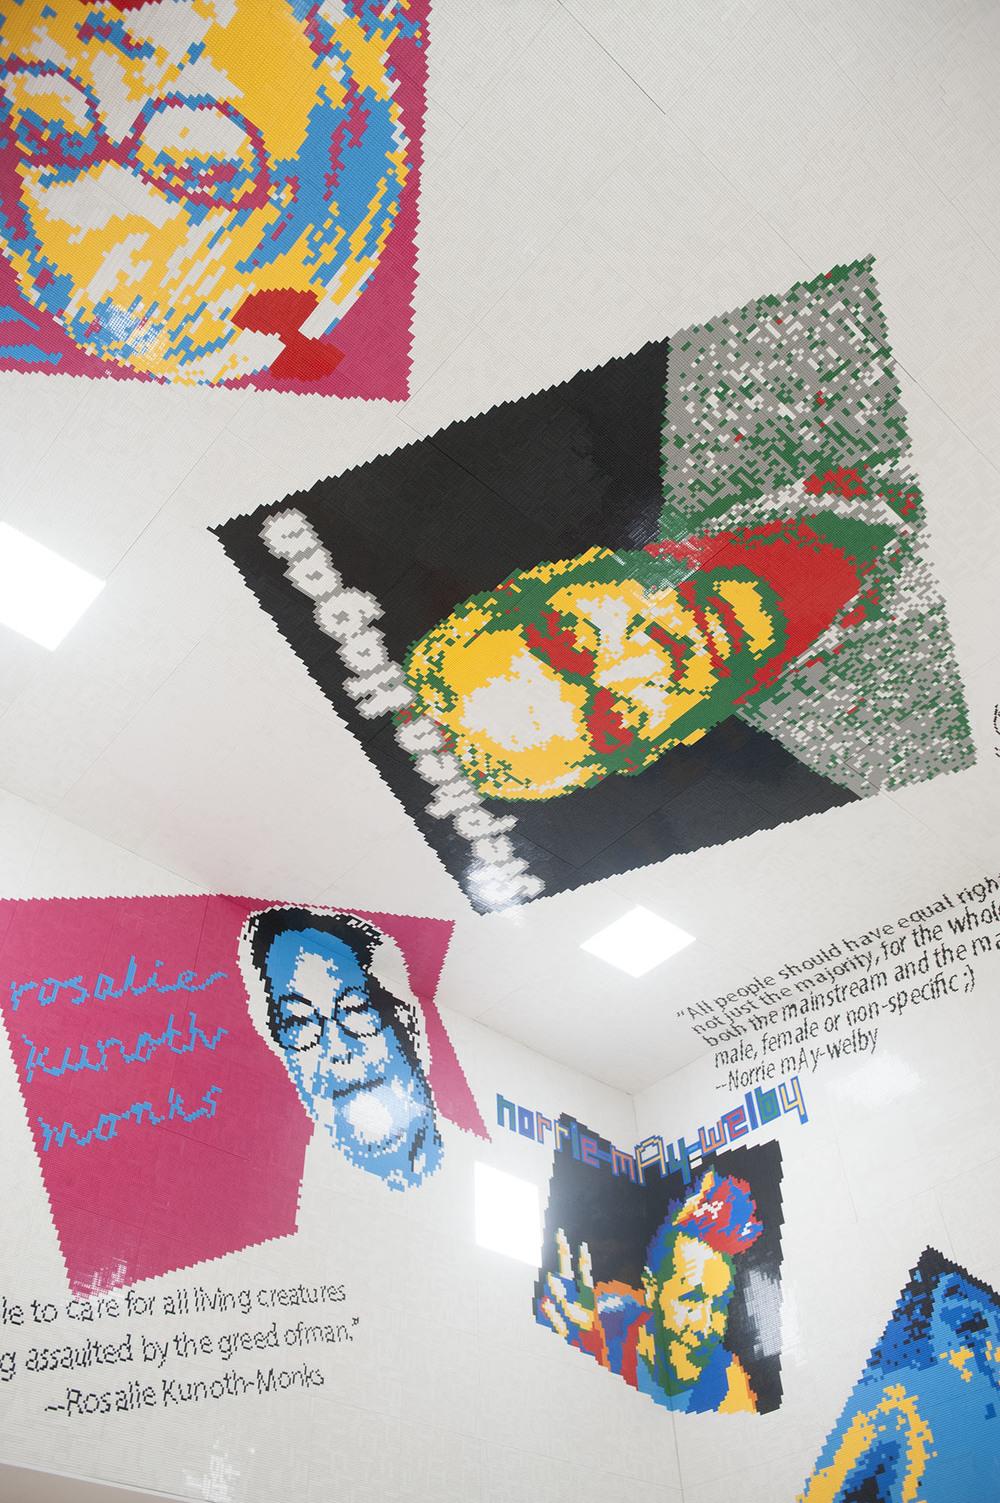 Letgo Room (Ai Weiwei) - image courtesy of Kirsty Umback